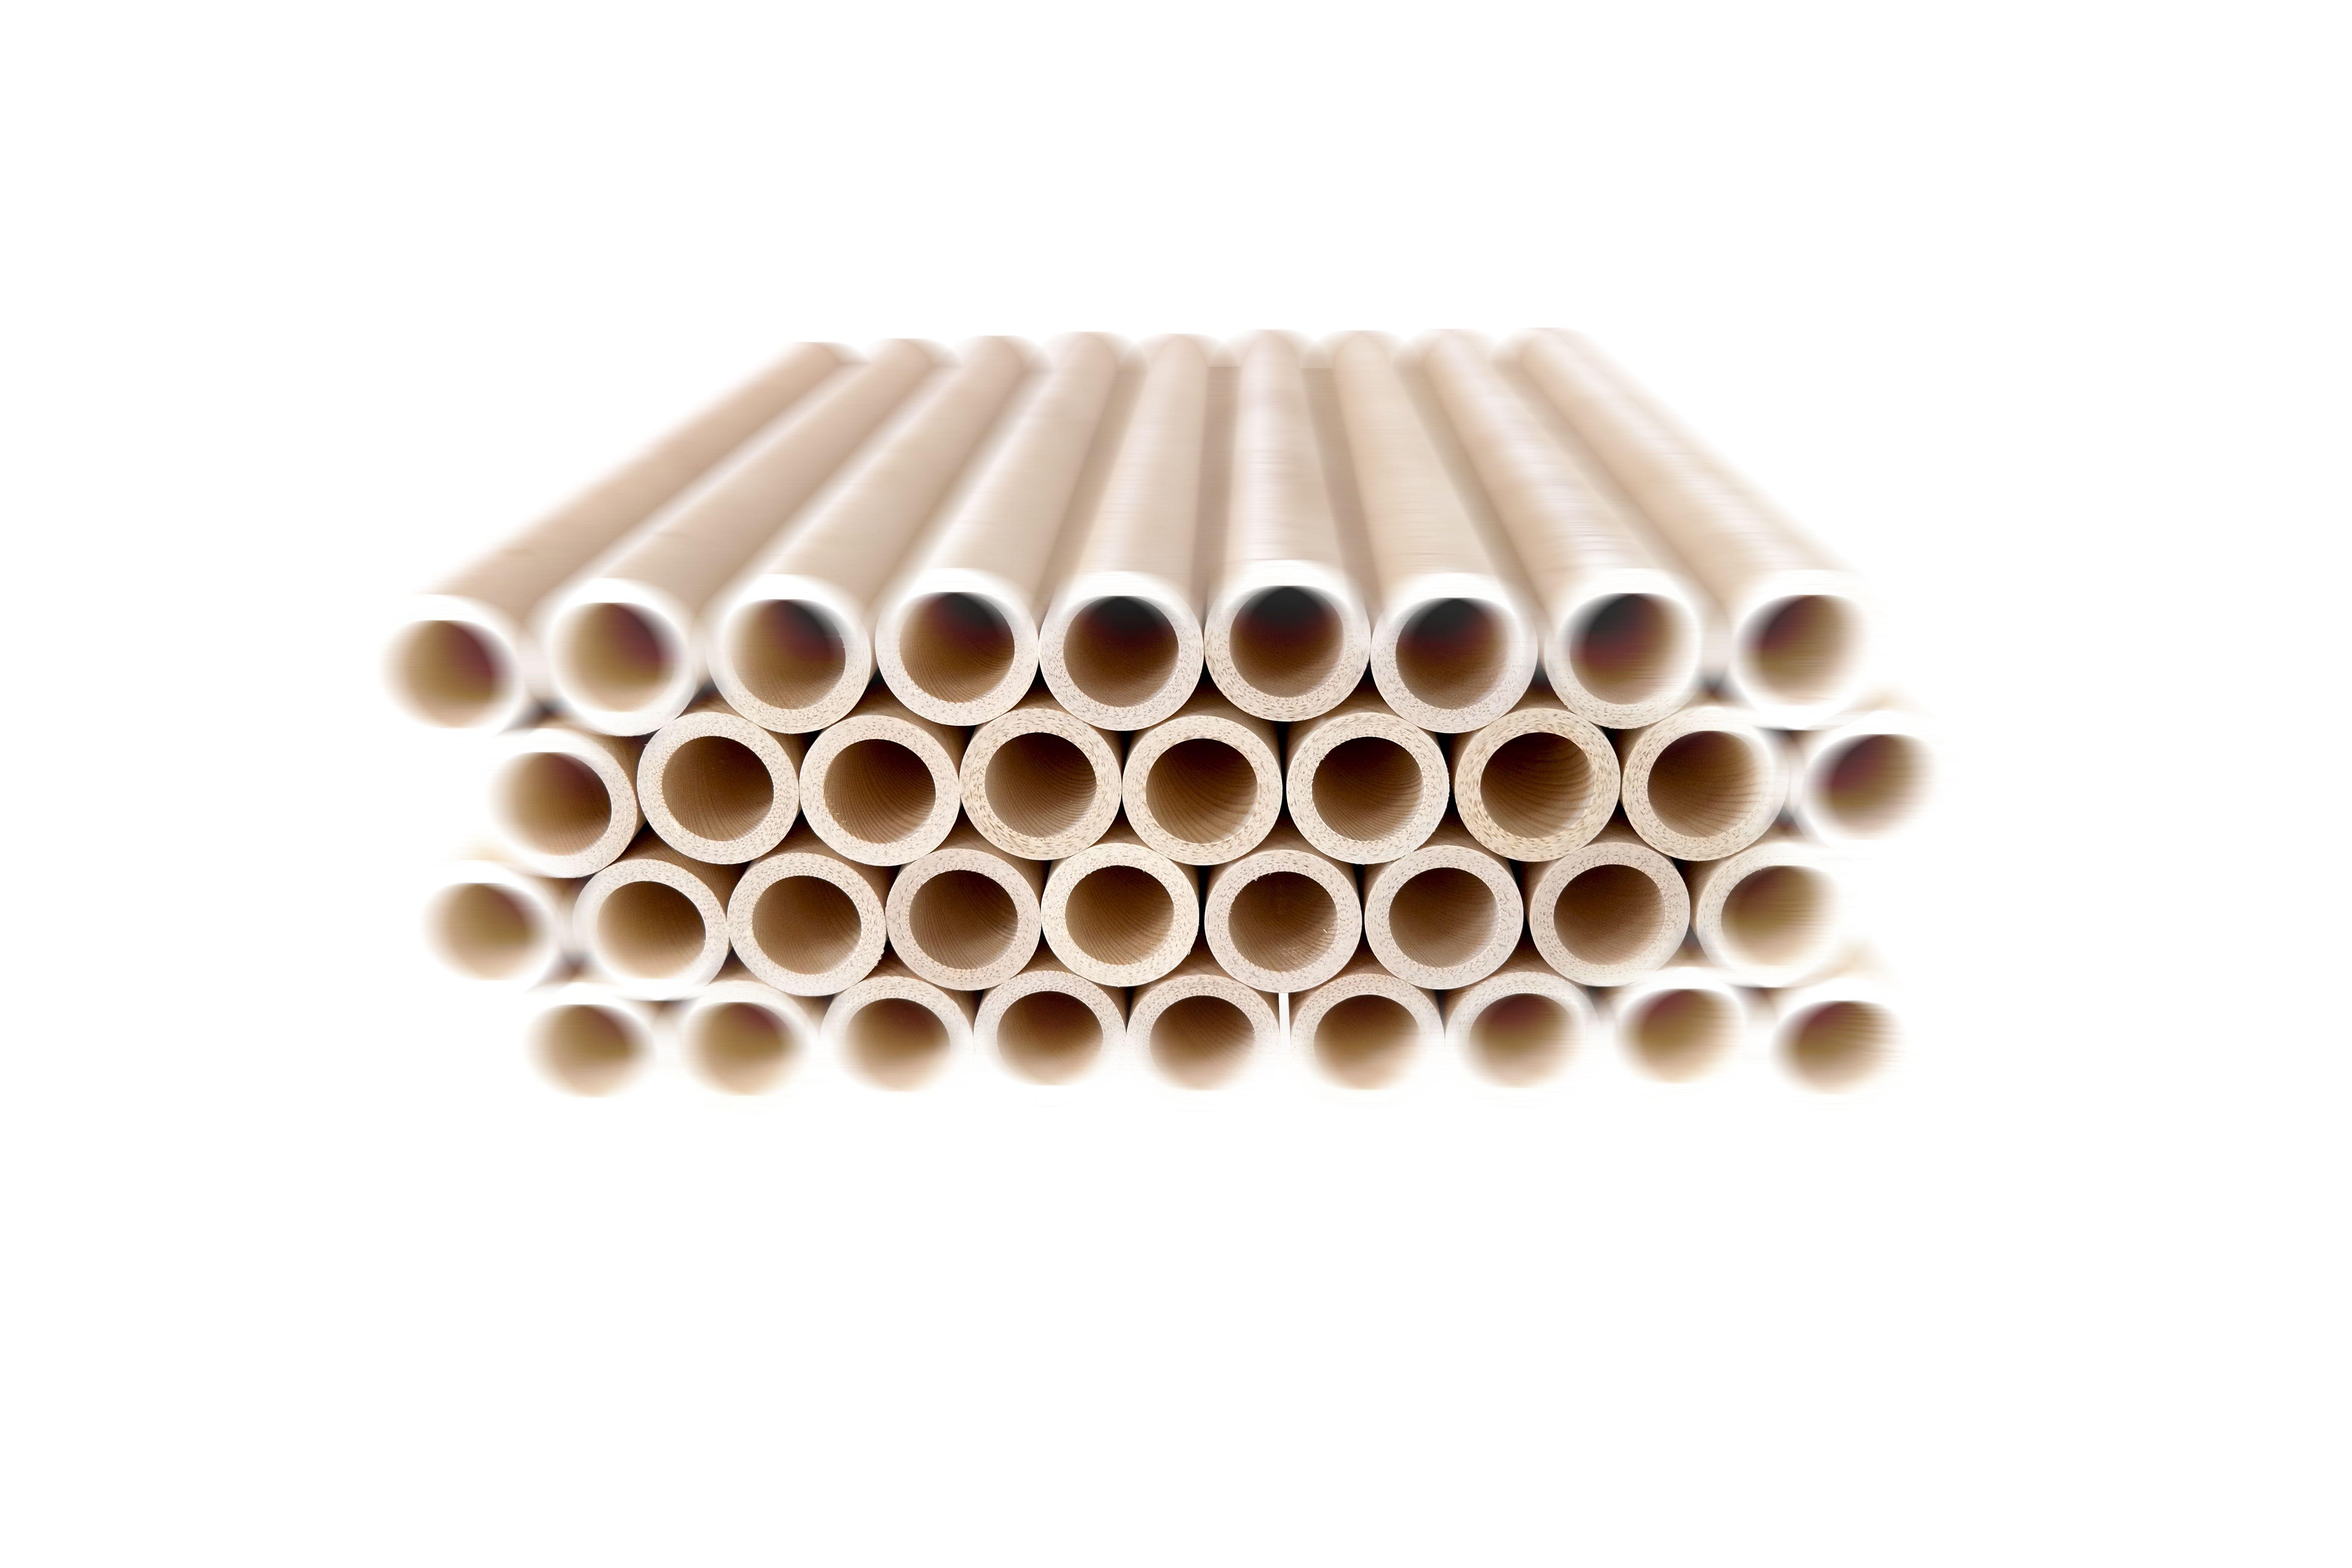 LignoTUBE - hollow wooden tubes   LignoTUBE   Pinterest